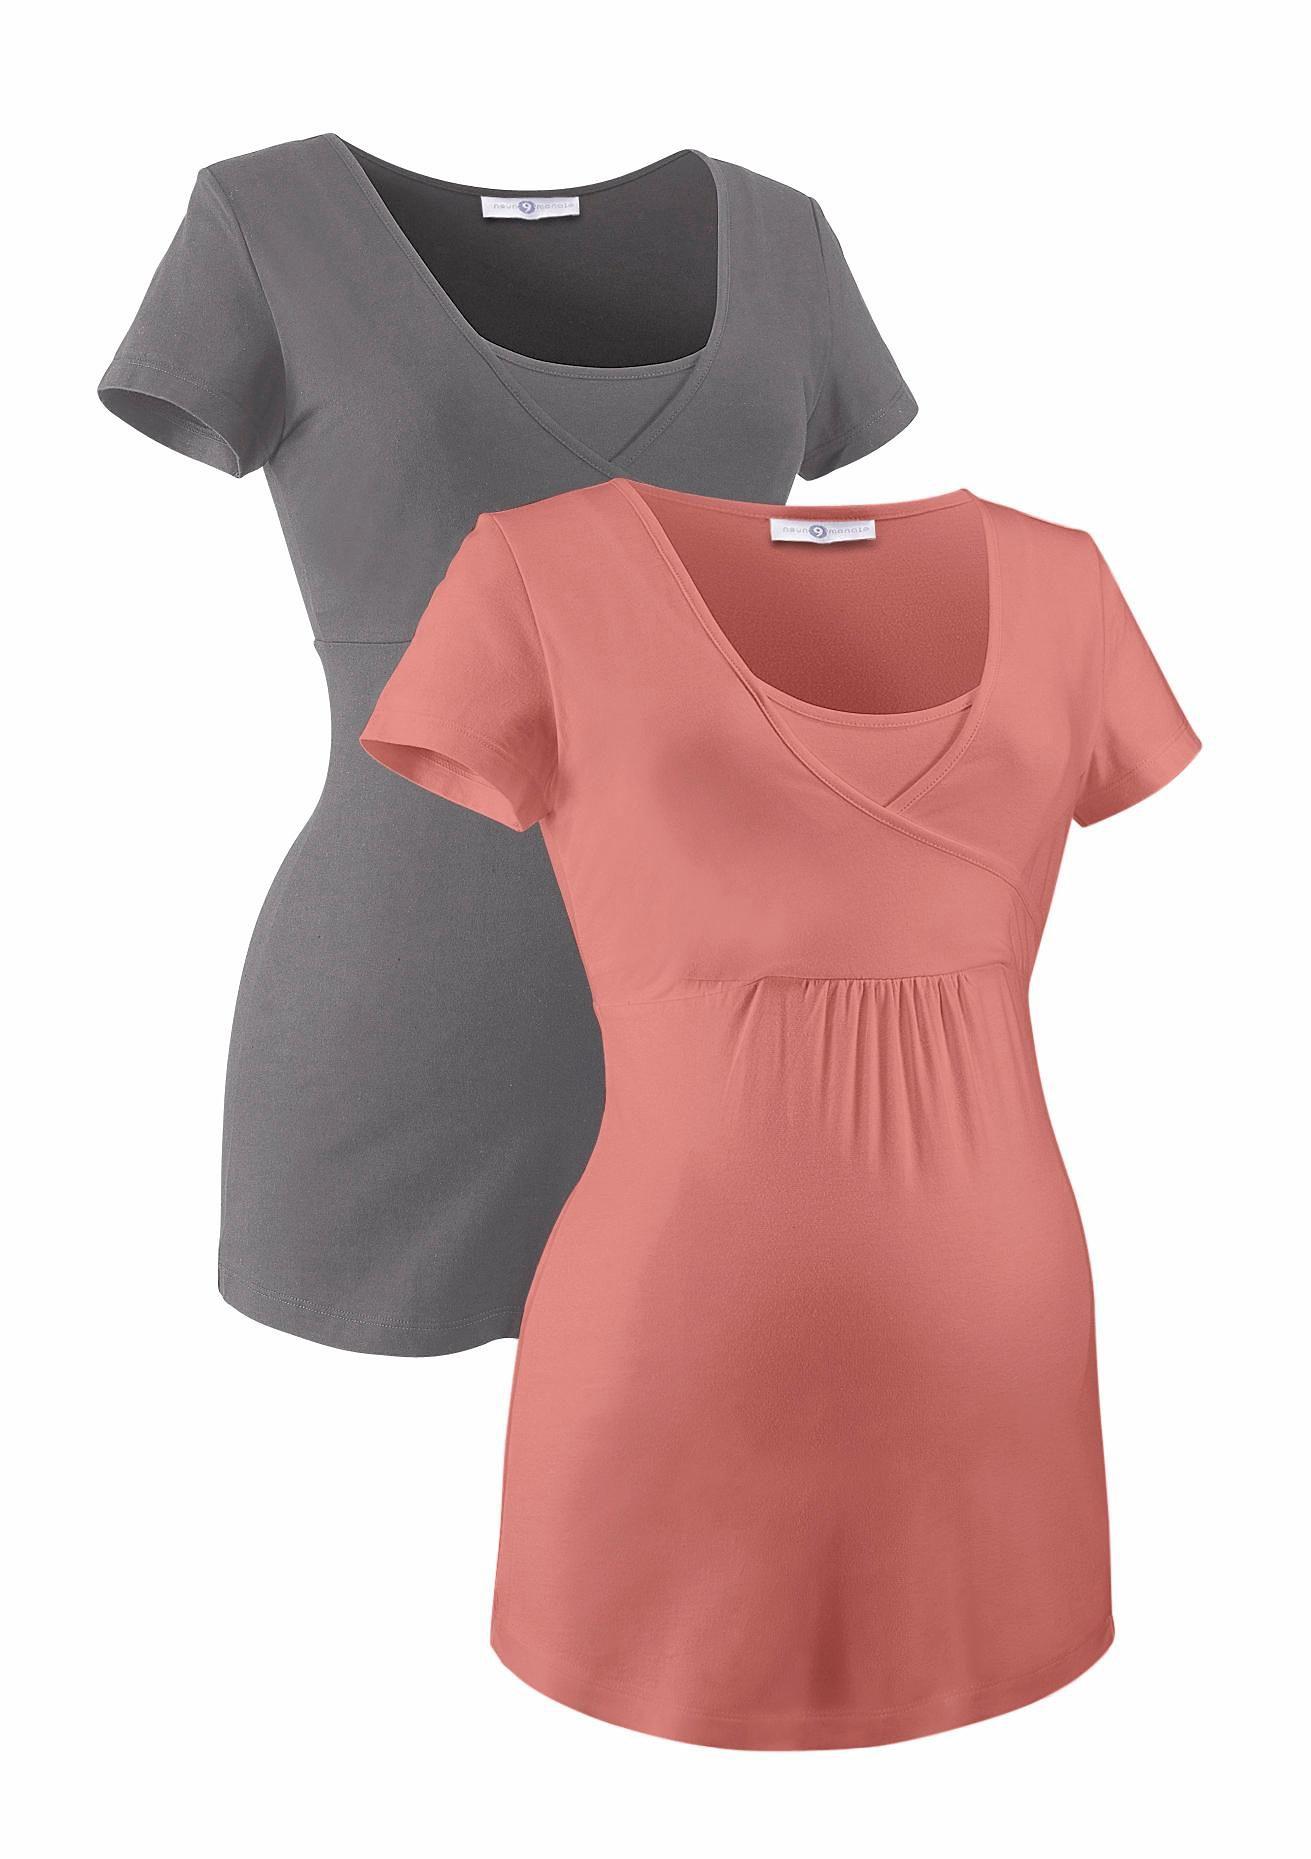 Neun Monate Umstandsshirt (Packung 2 tlg) | Bekleidung > Umstandsmode | Rosa | Neun Monate